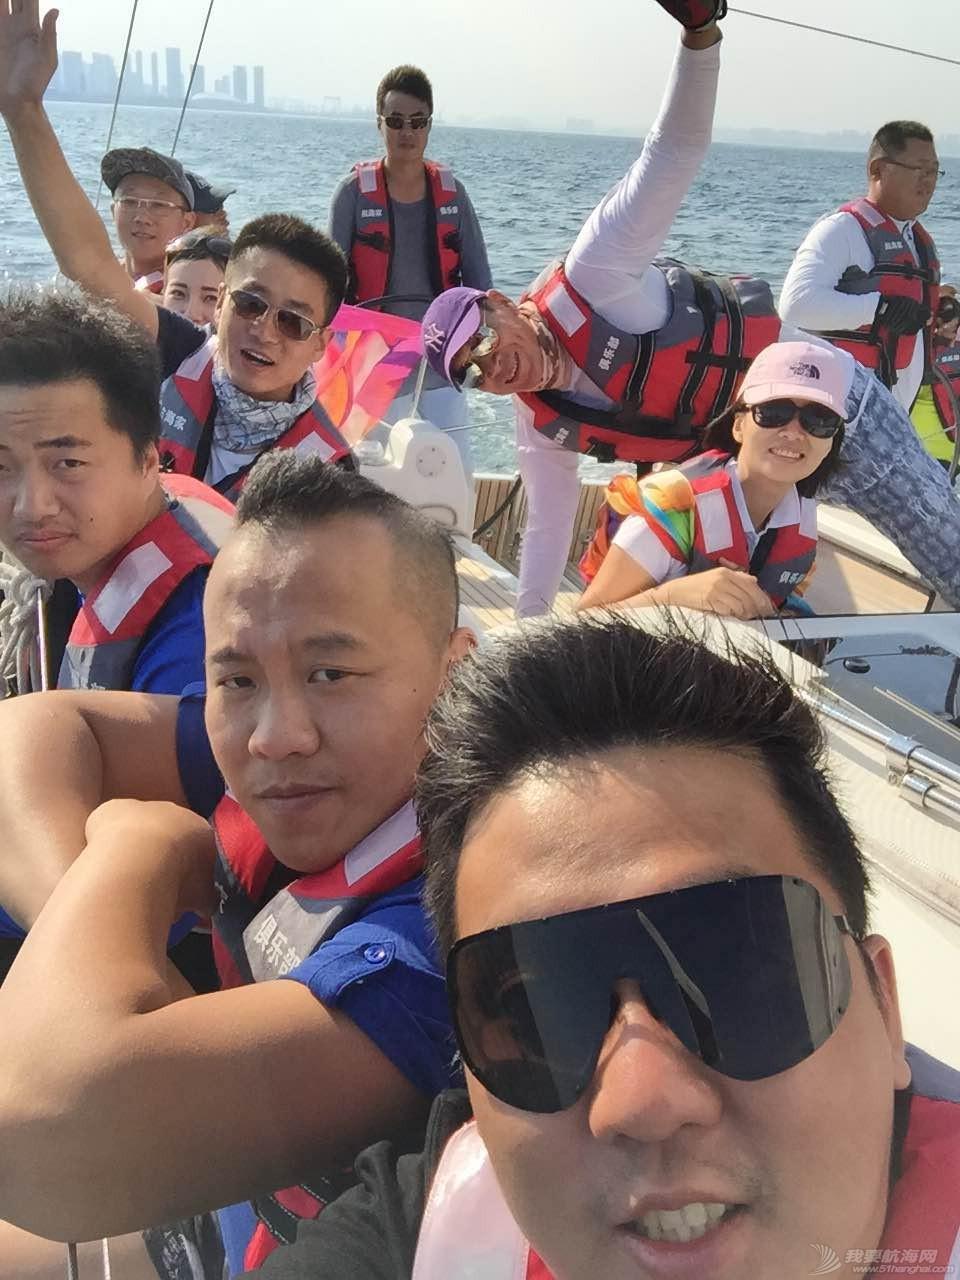 俱乐部,航海家,启航,永恒 这是一群快乐的群体 IMG_5041.JPG